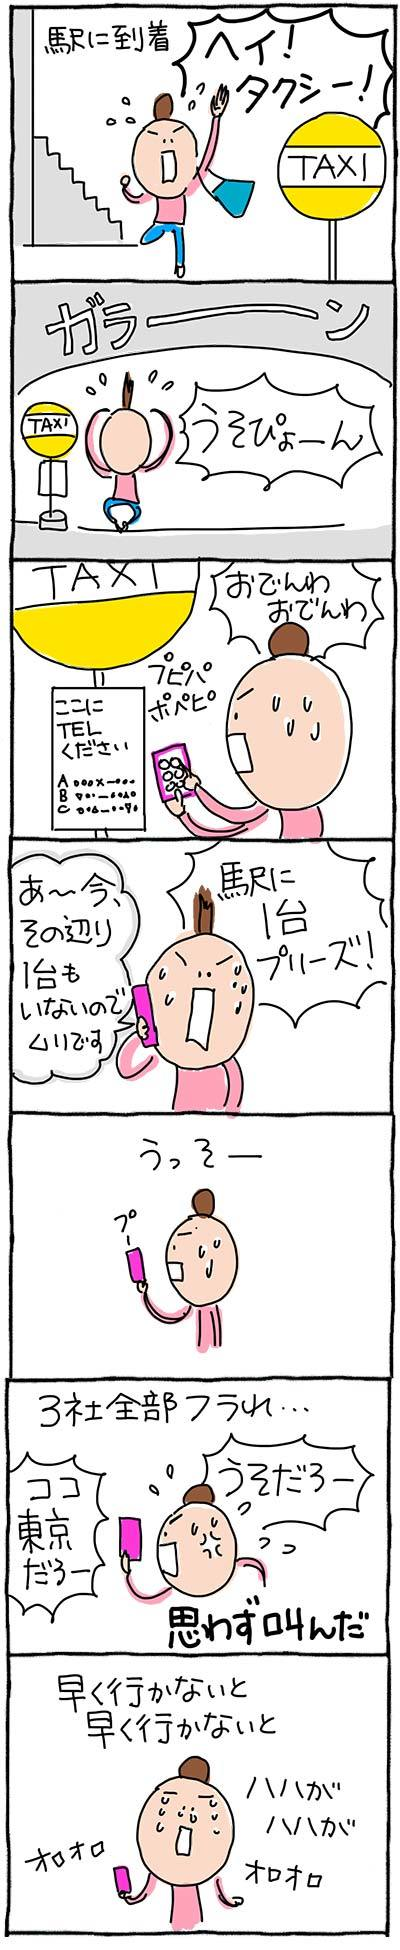 170226小松さん02